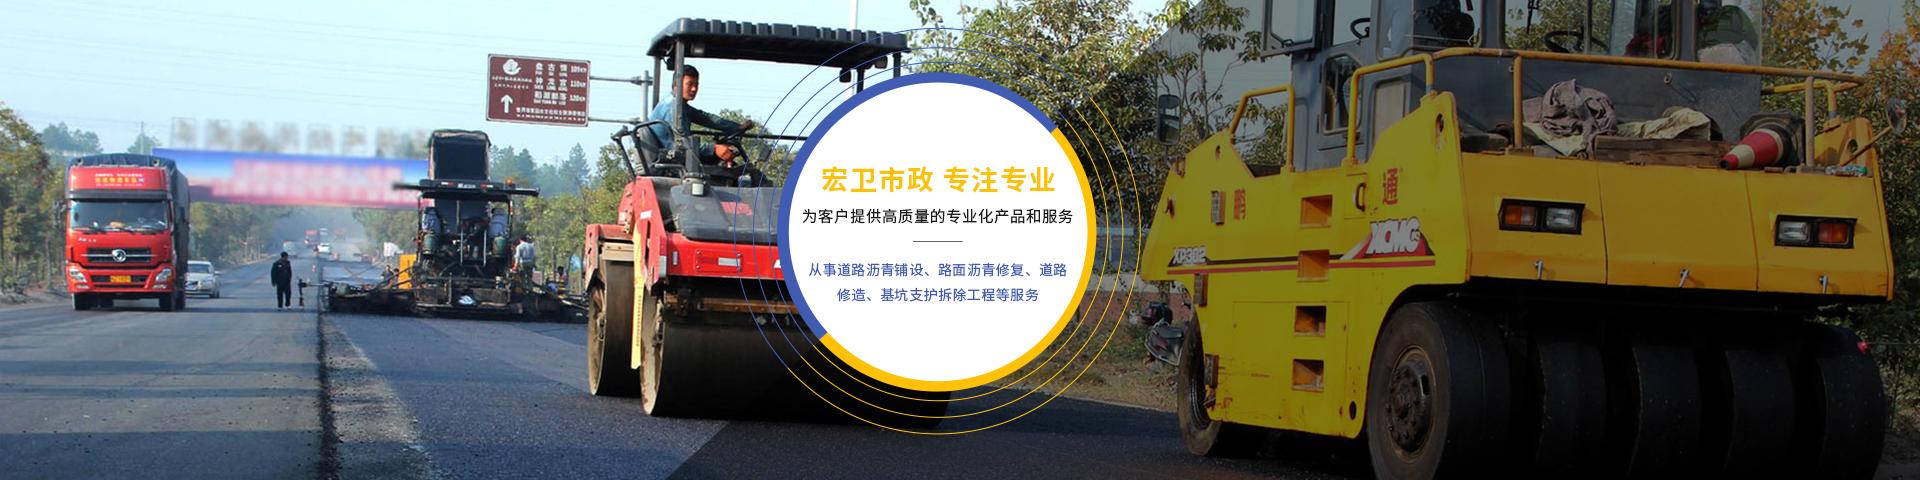 上海沥青路面修补